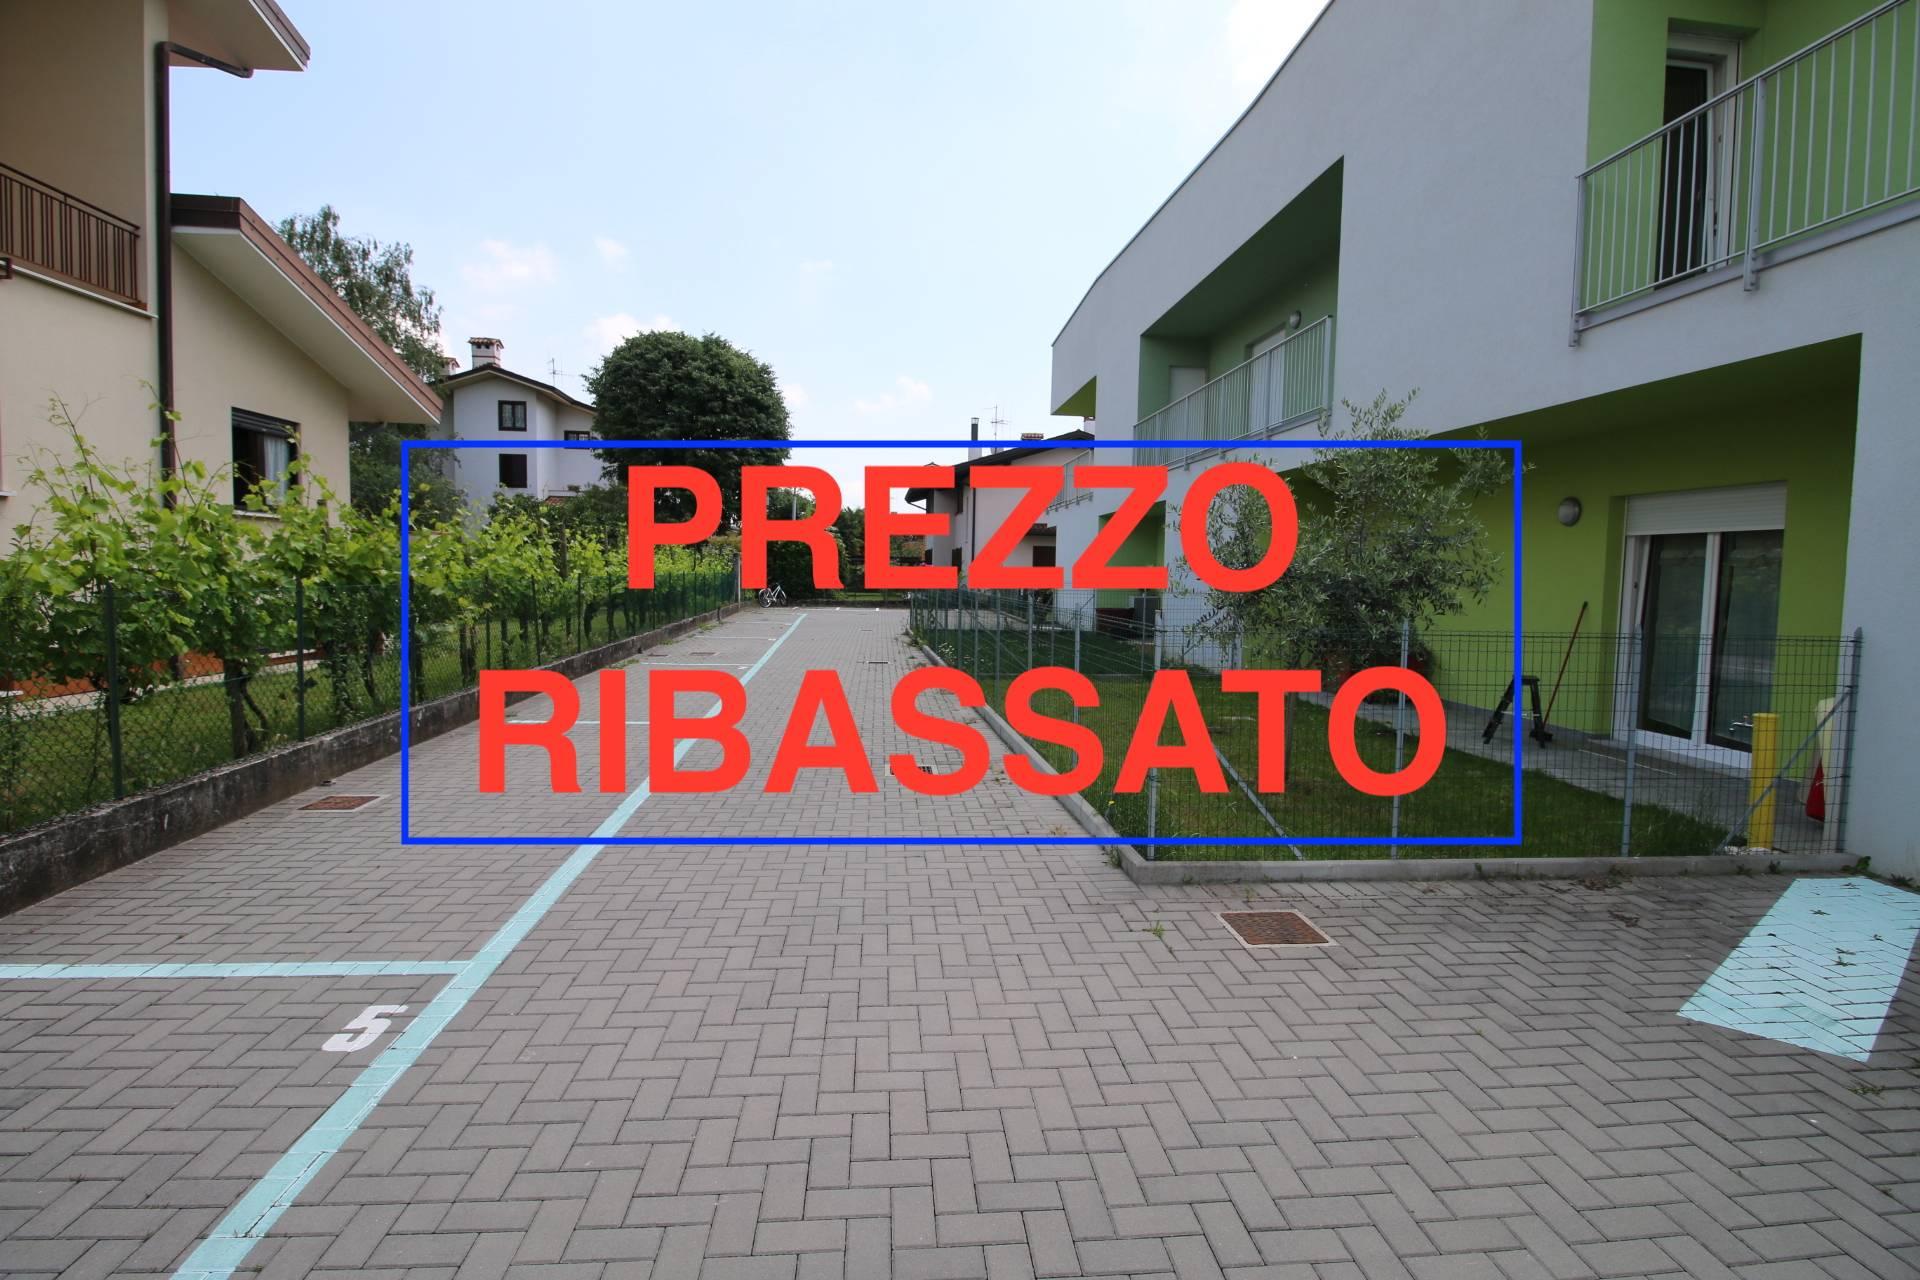 Appartamento in vendita a Gorizia, 3 locali, zona Zona: Lucinico, prezzo € 119.000 | CambioCasa.it